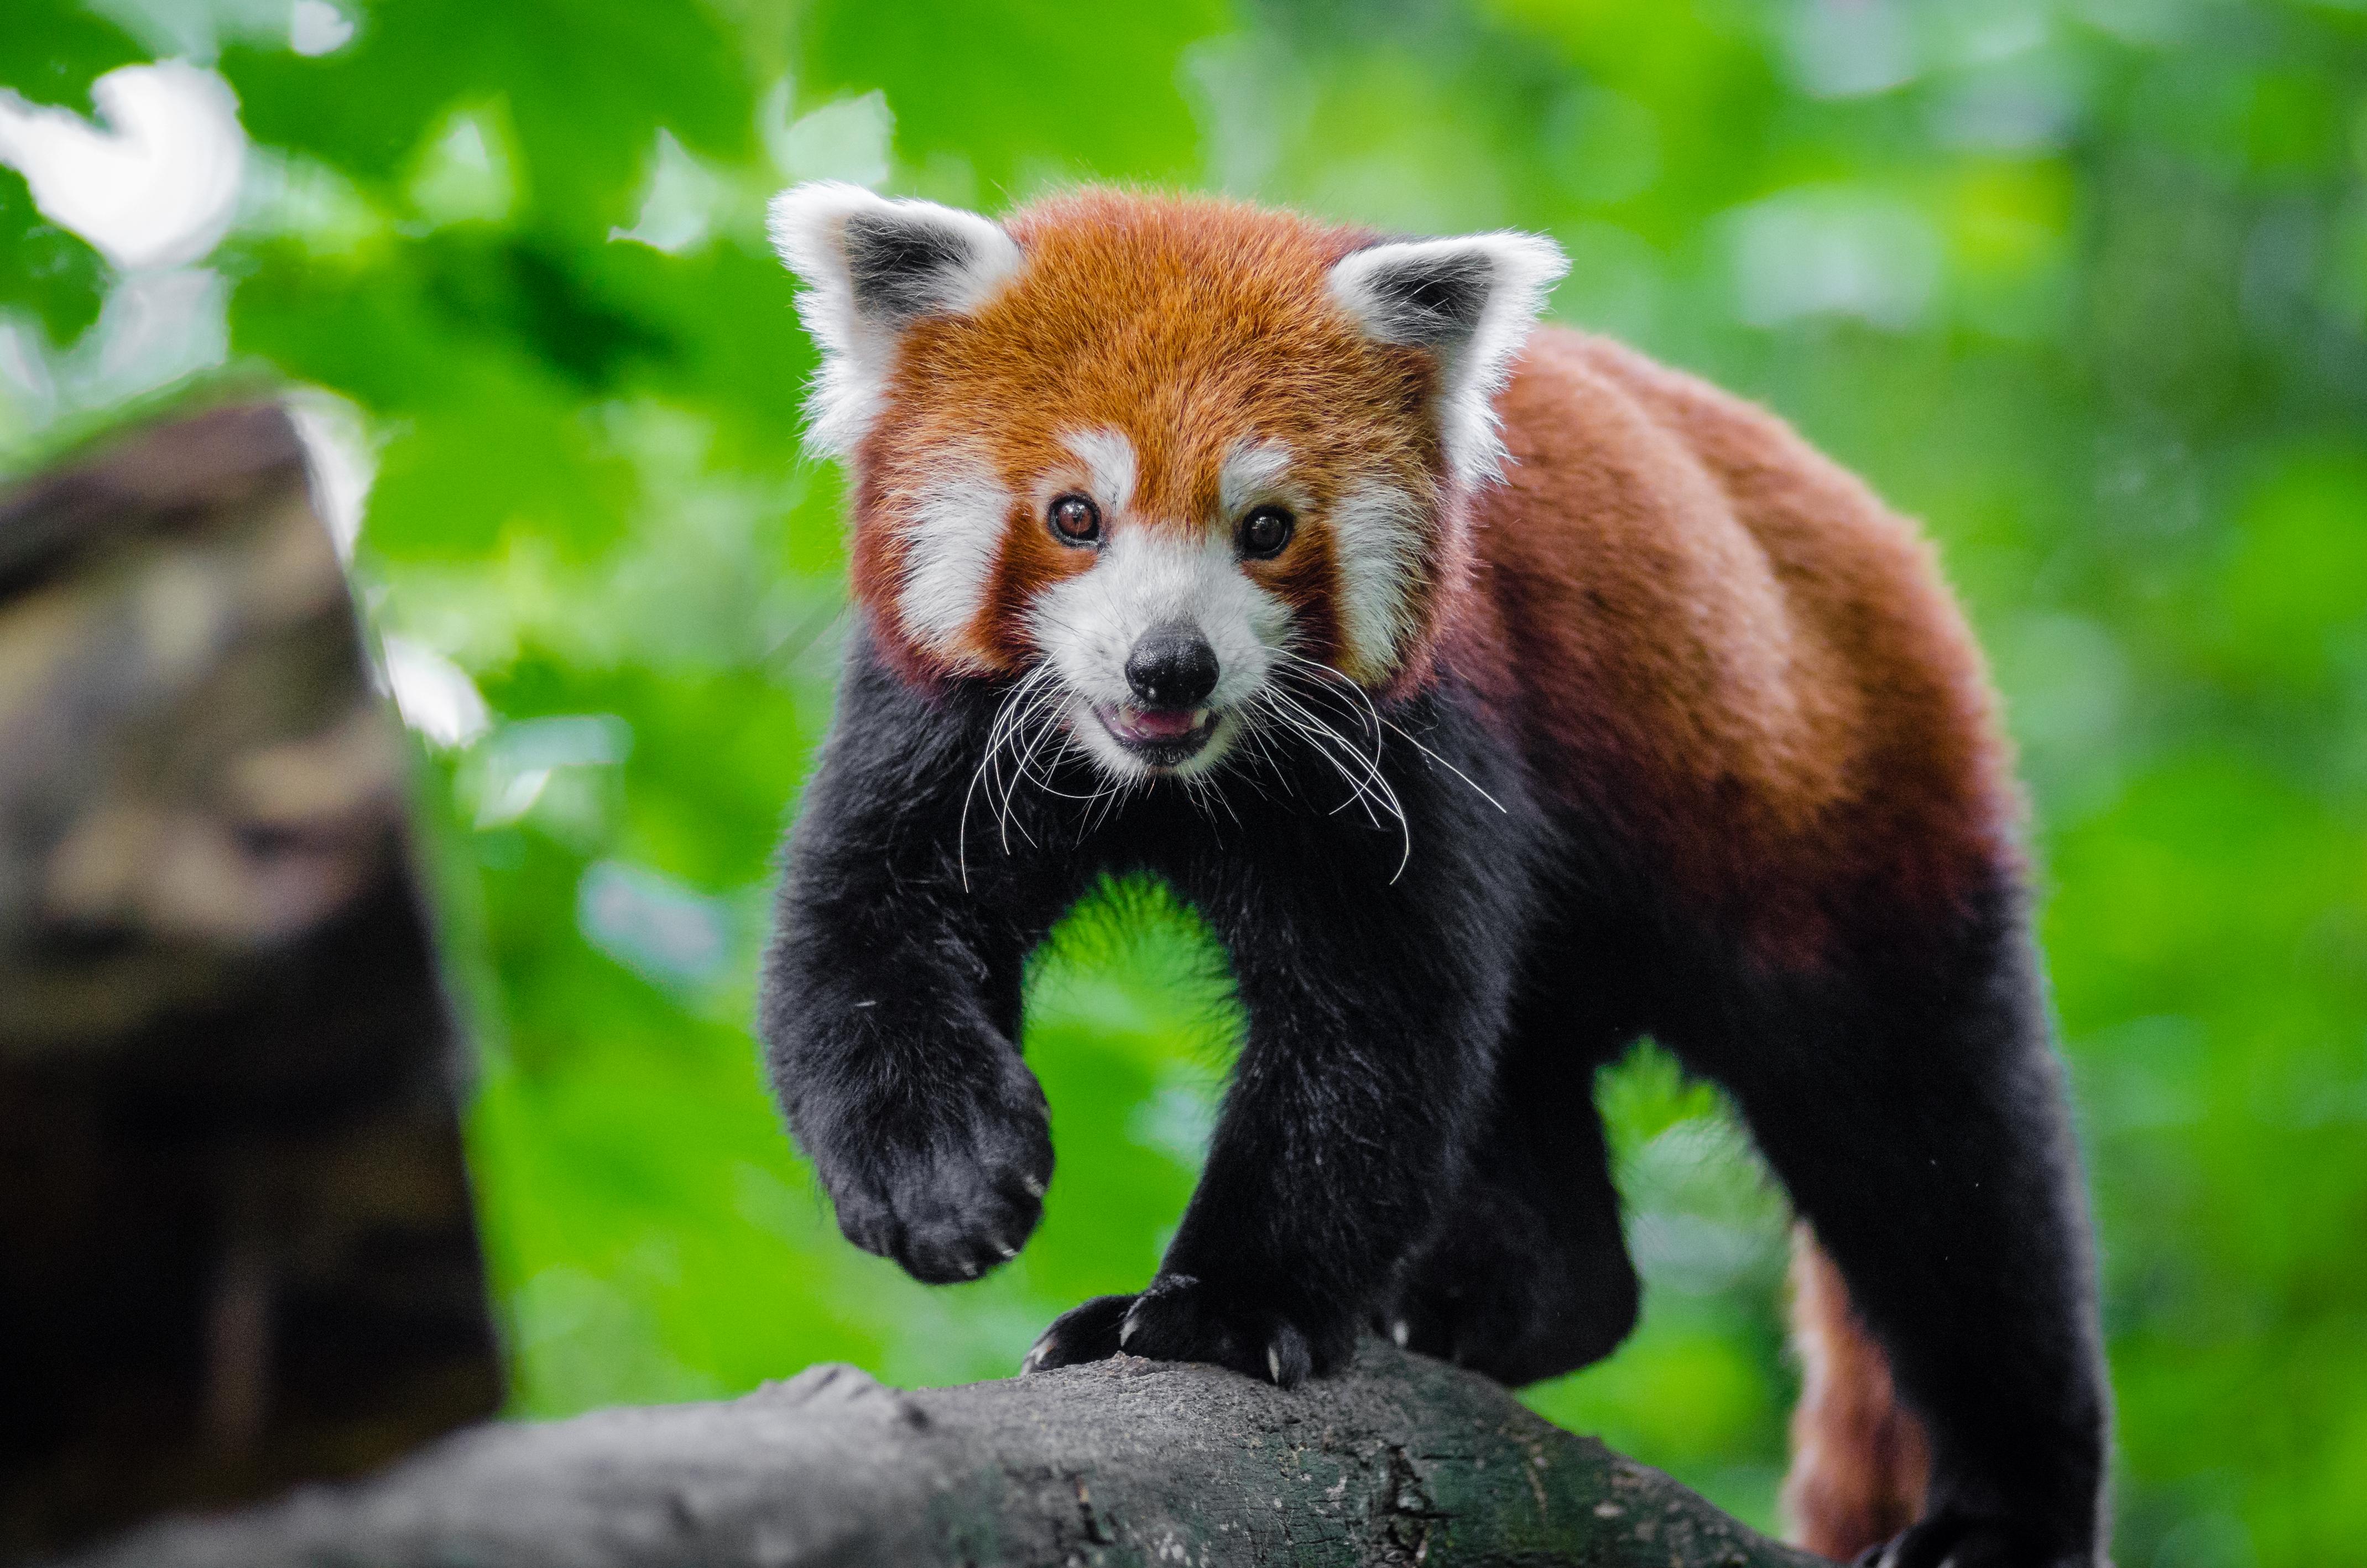 Bakgrundsbilder : bokeh, djur-, Björn, vilda djur och ... Cute Puppies